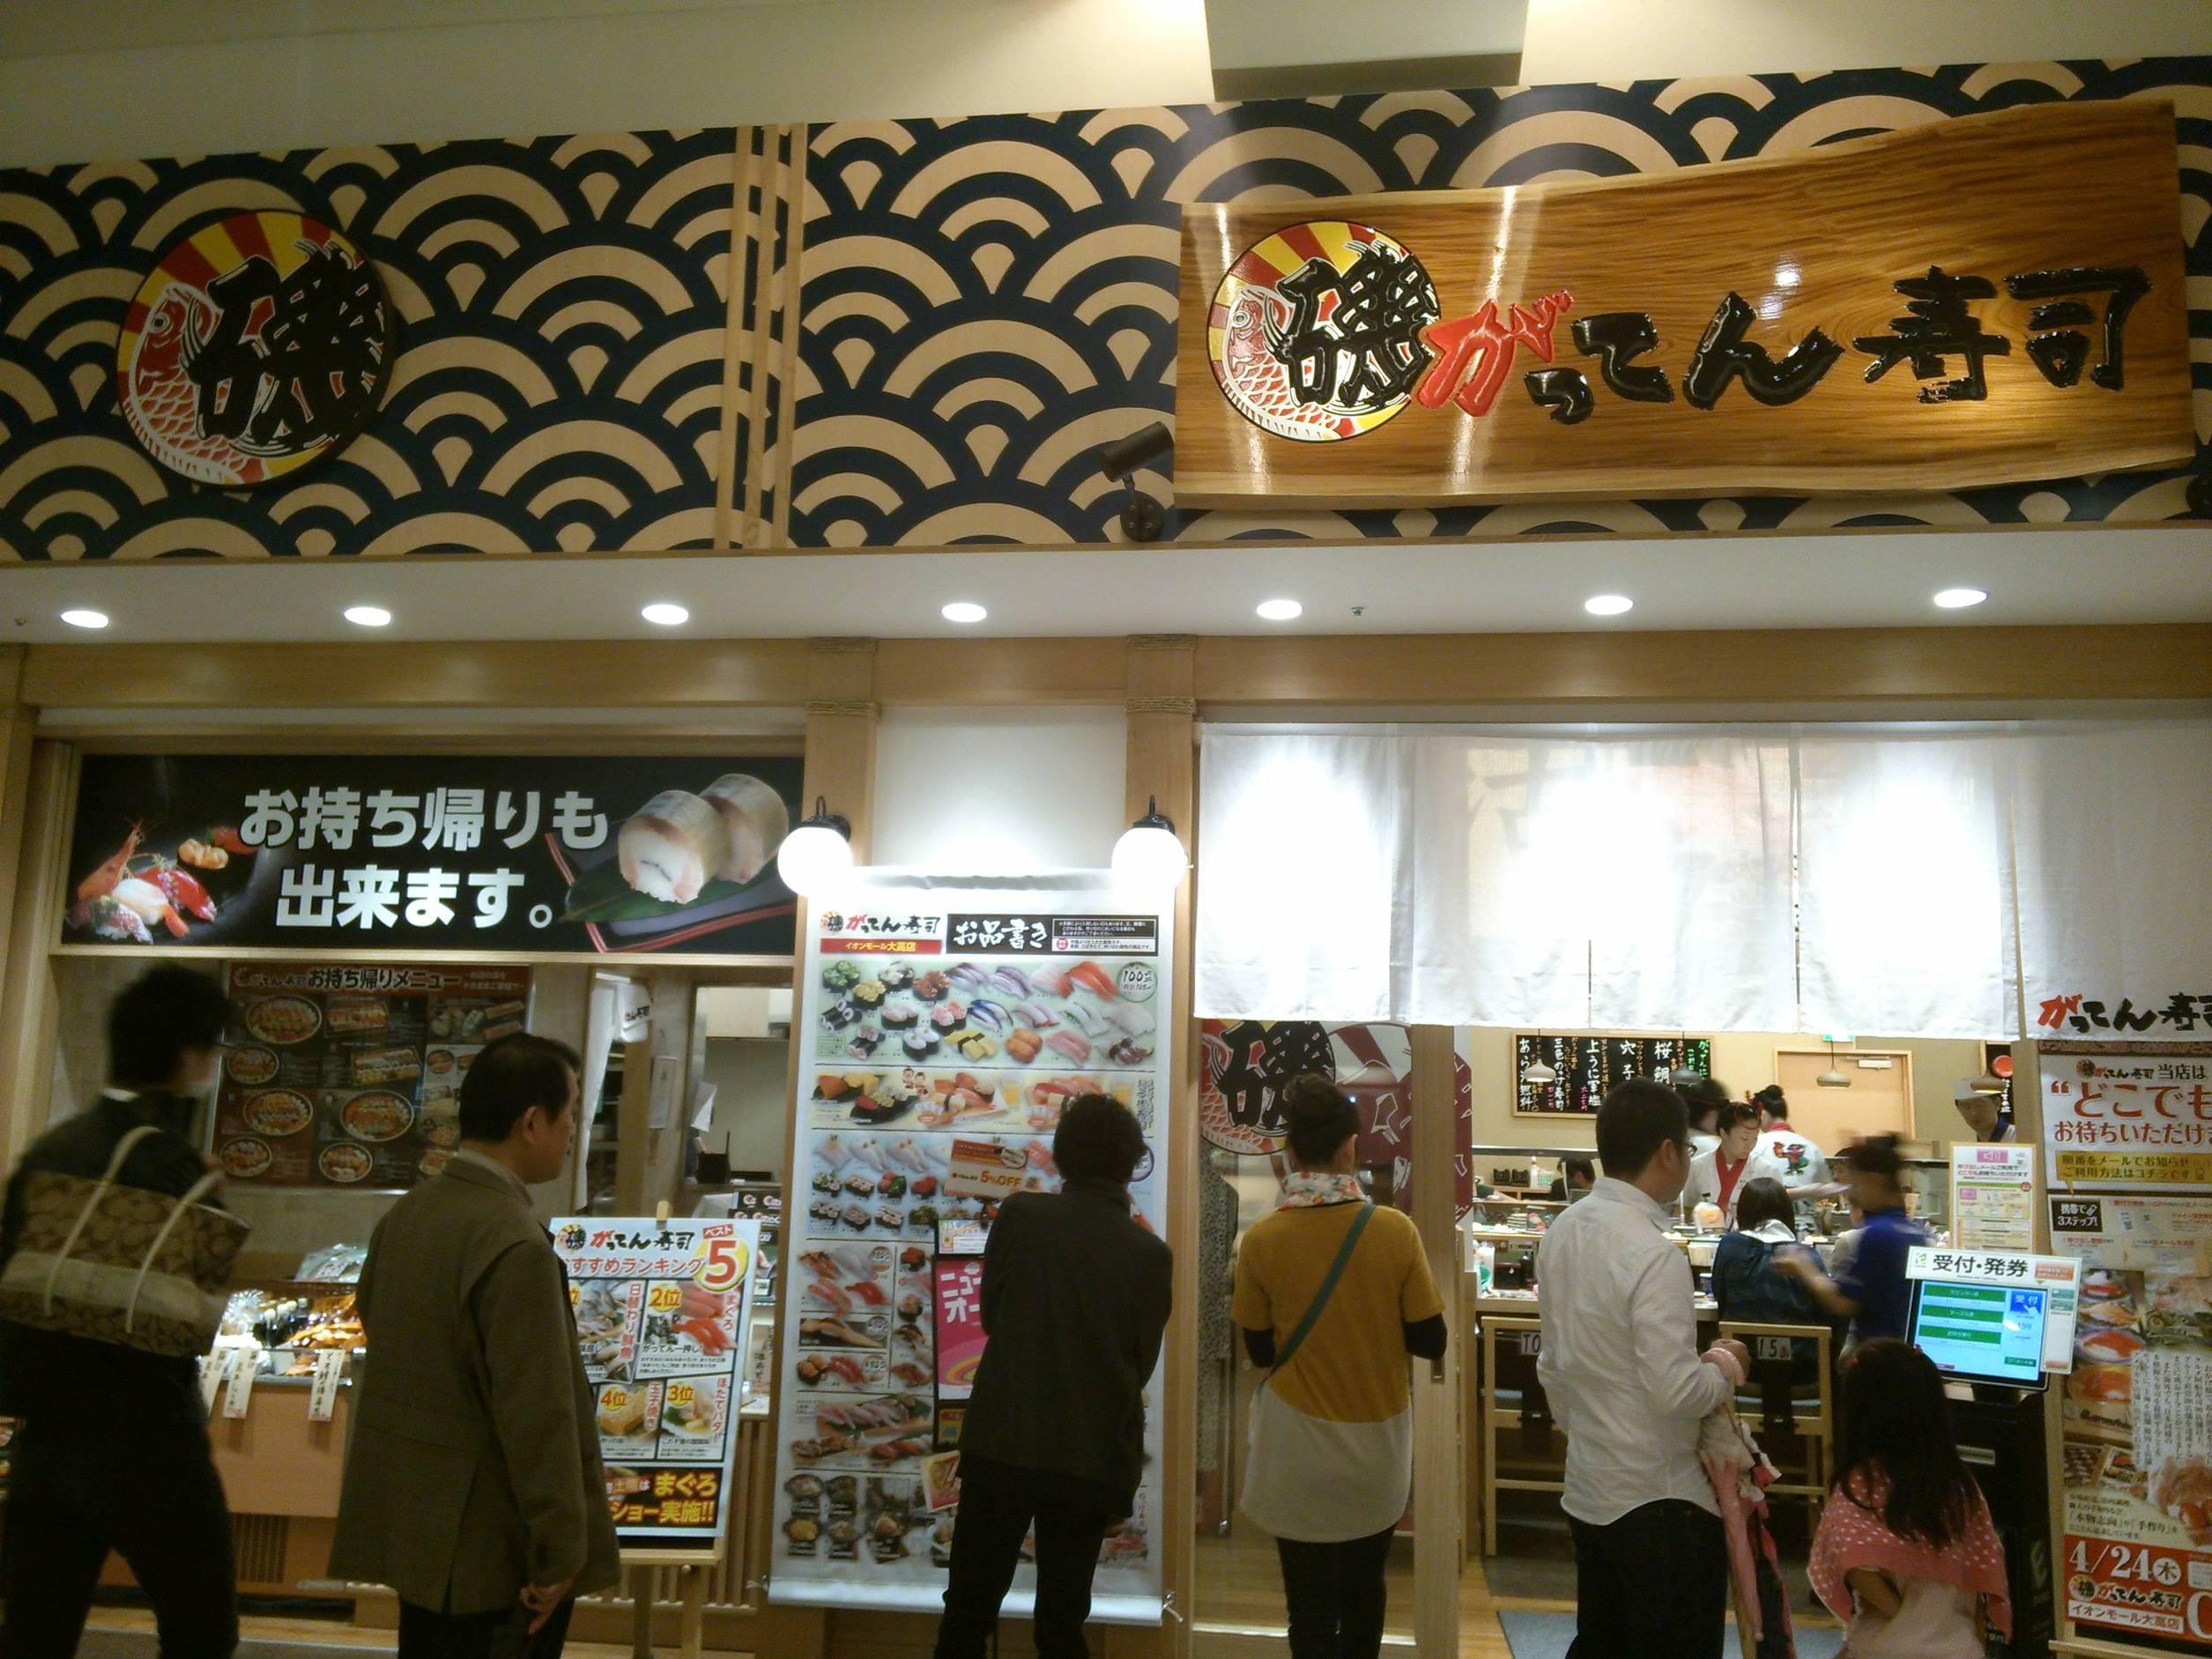 磯のがってん寿司 イオンモール大高店